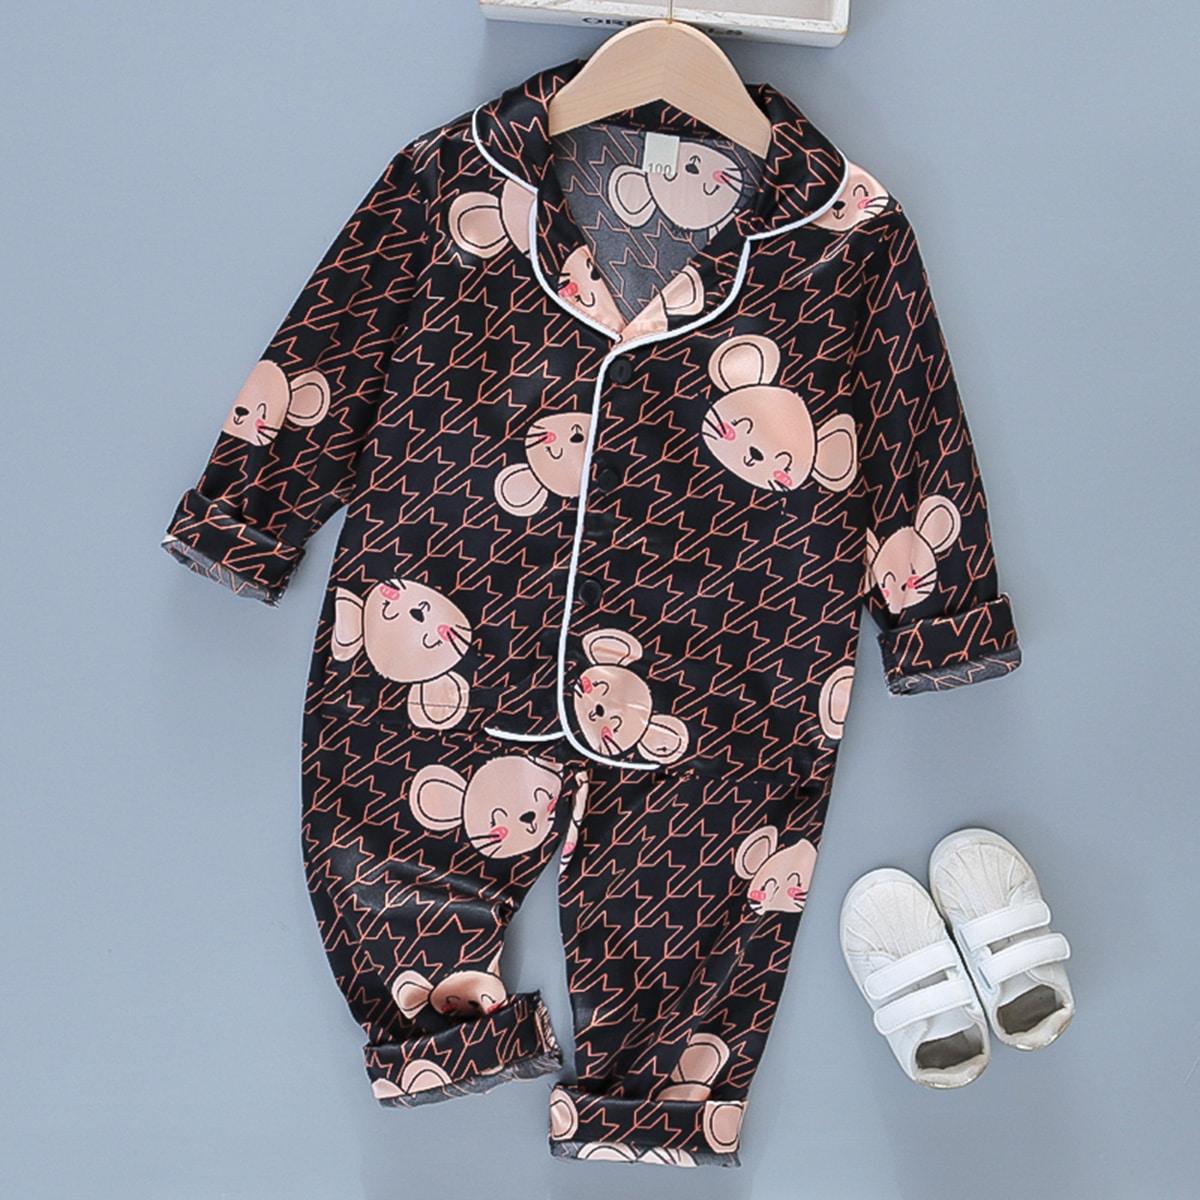 Атласная пижама соригинальнымпринтом для мальчиков